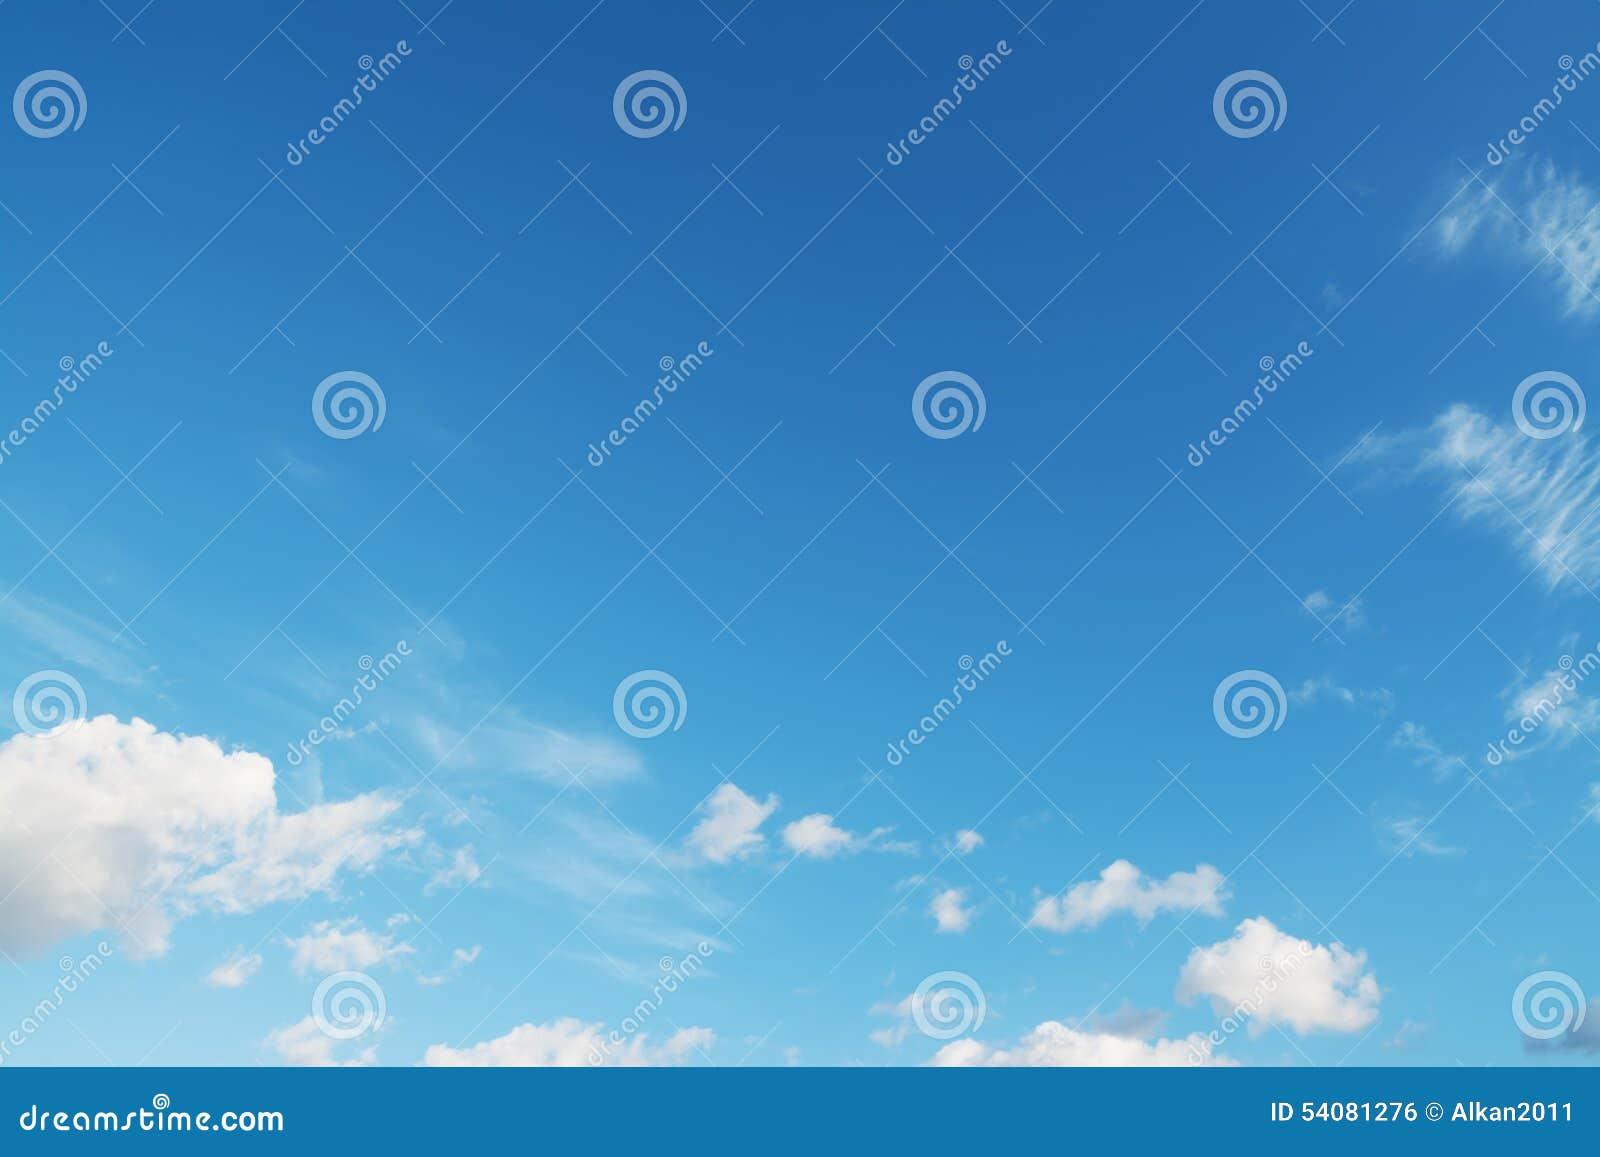 Kleine wolken